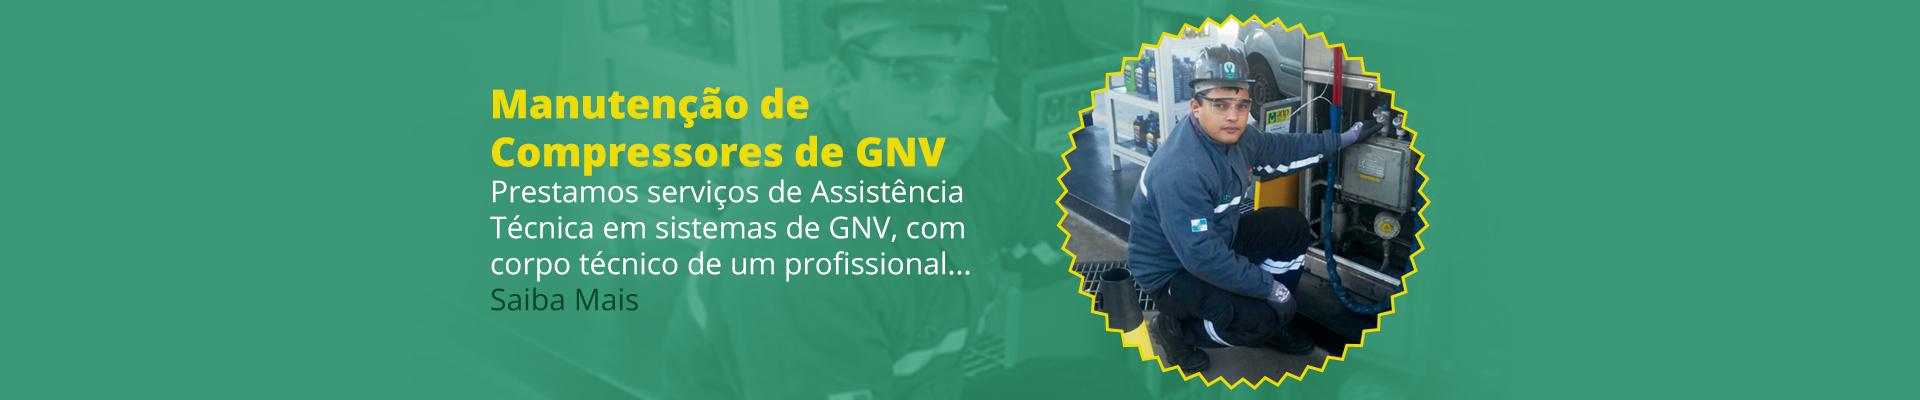 Manutenção-de-Compressores-GNV